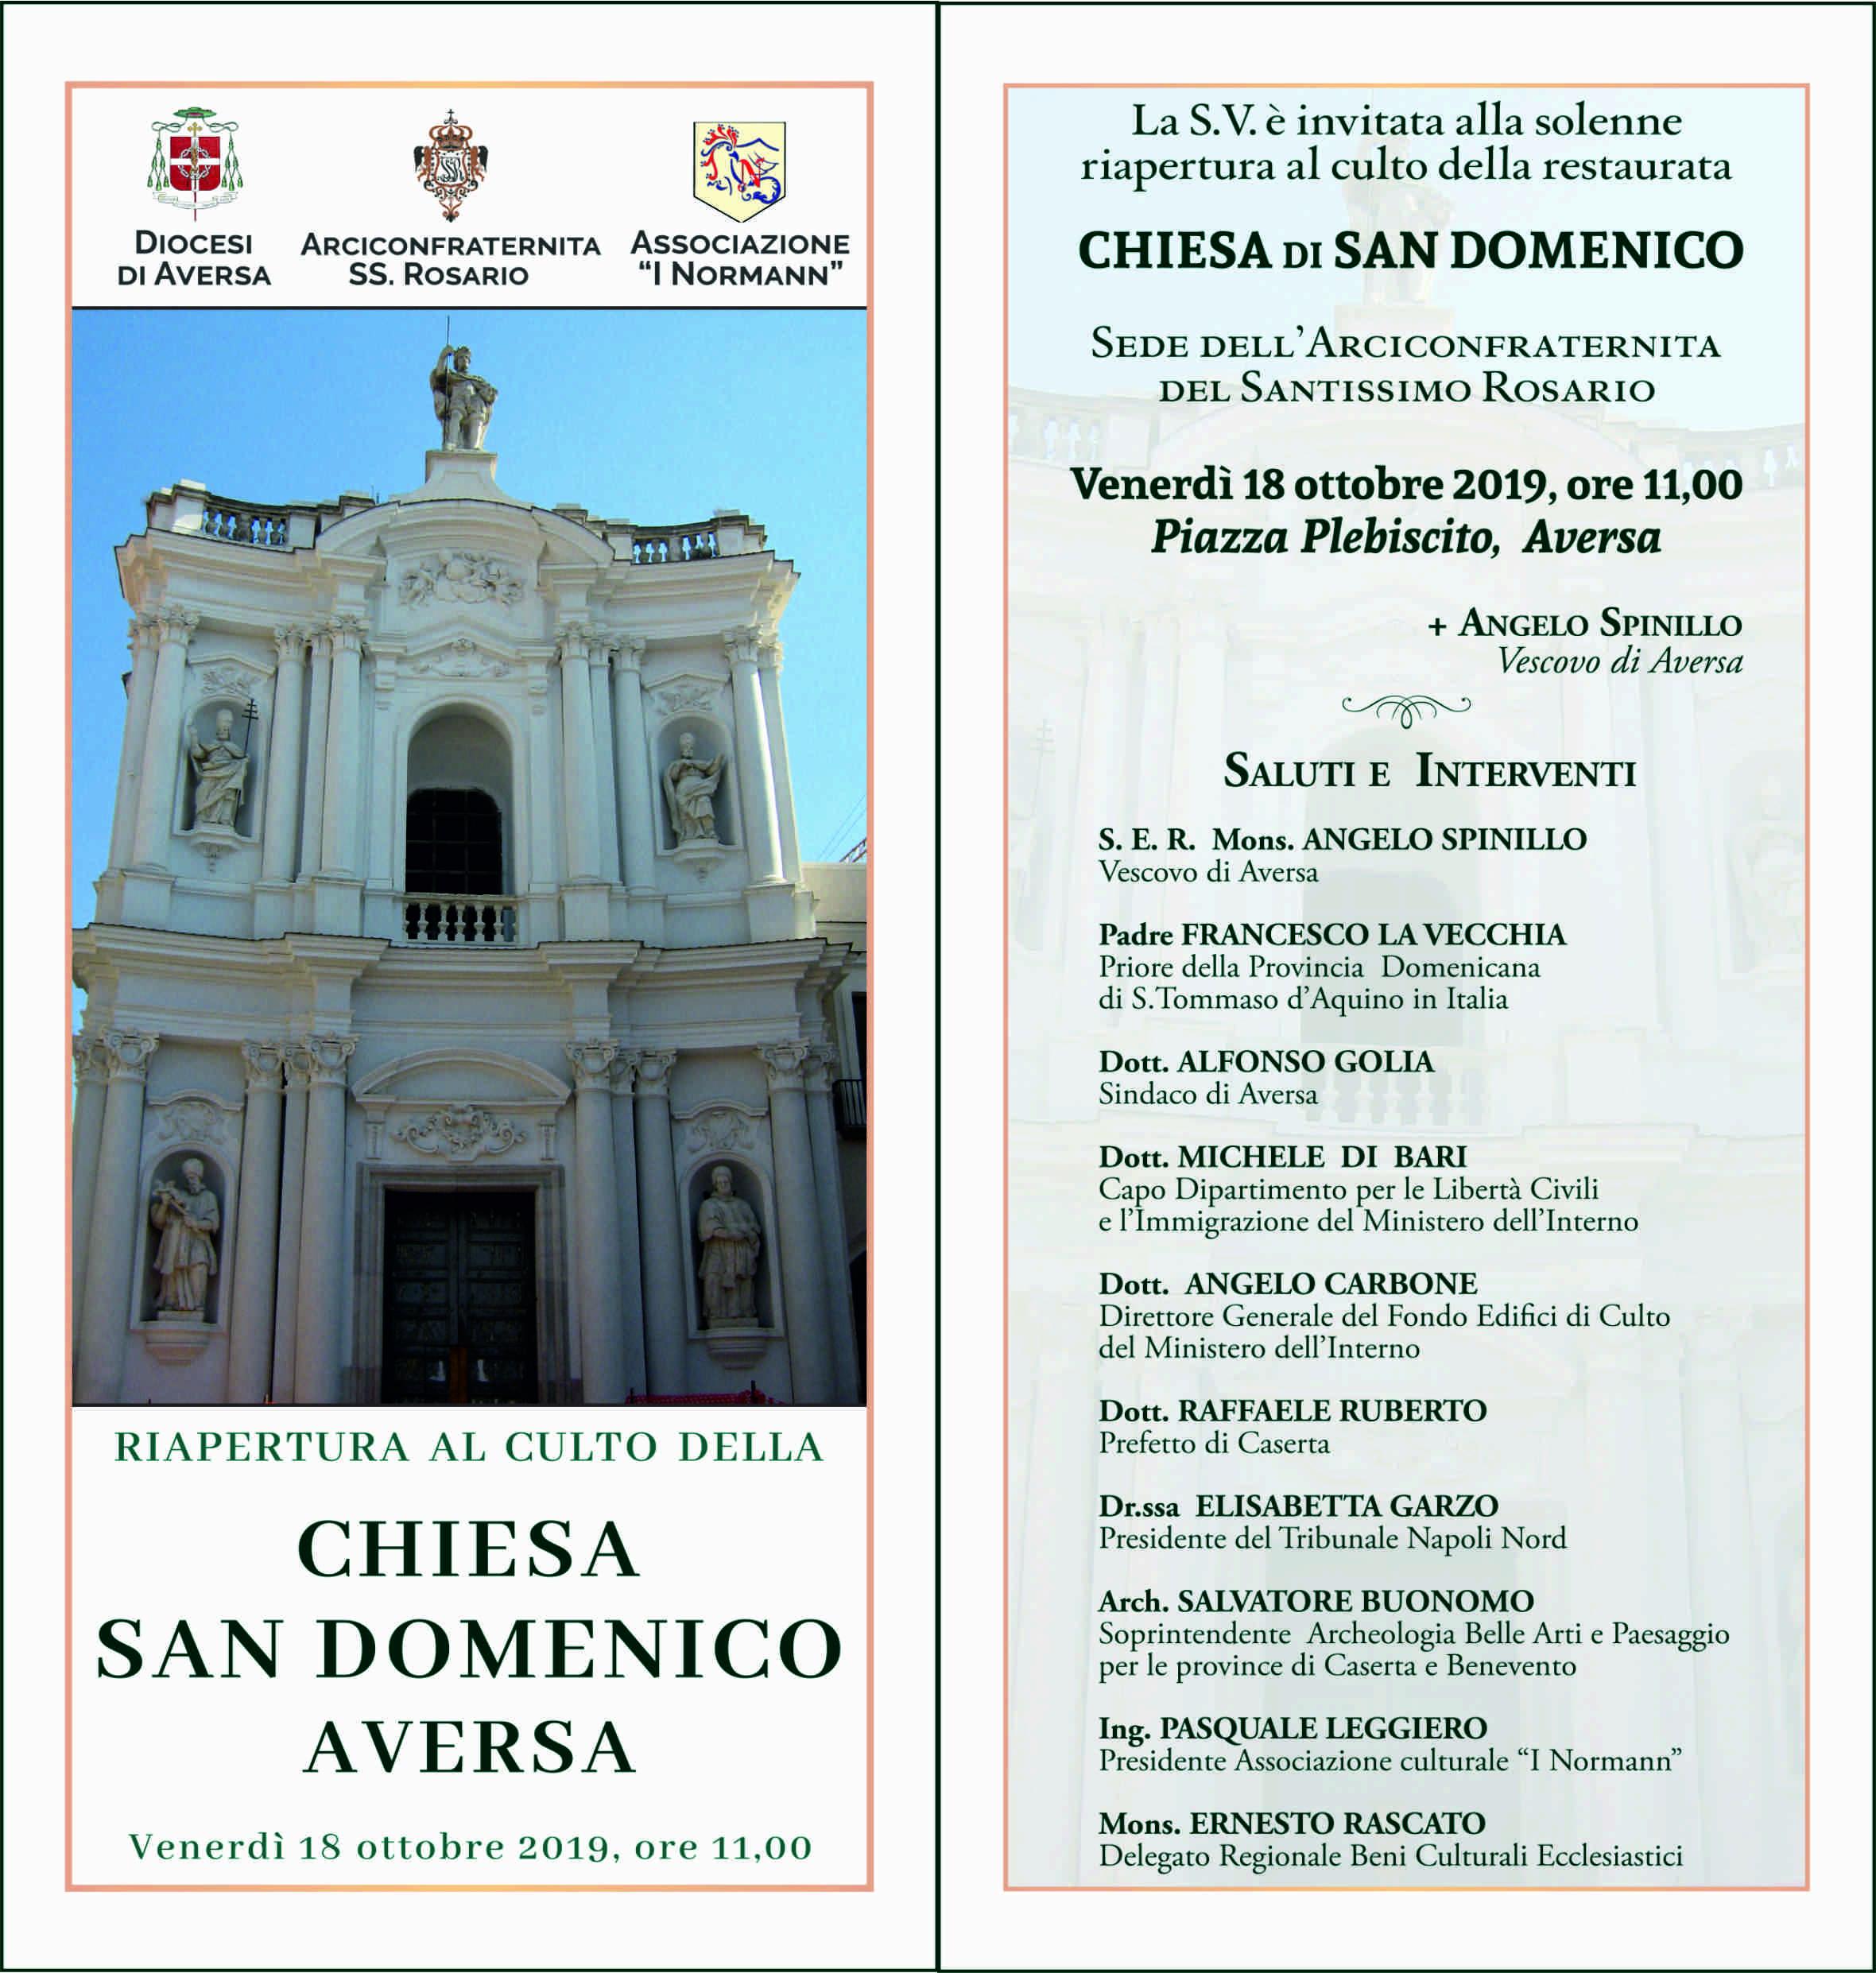 Invito riapertura S.Domenico